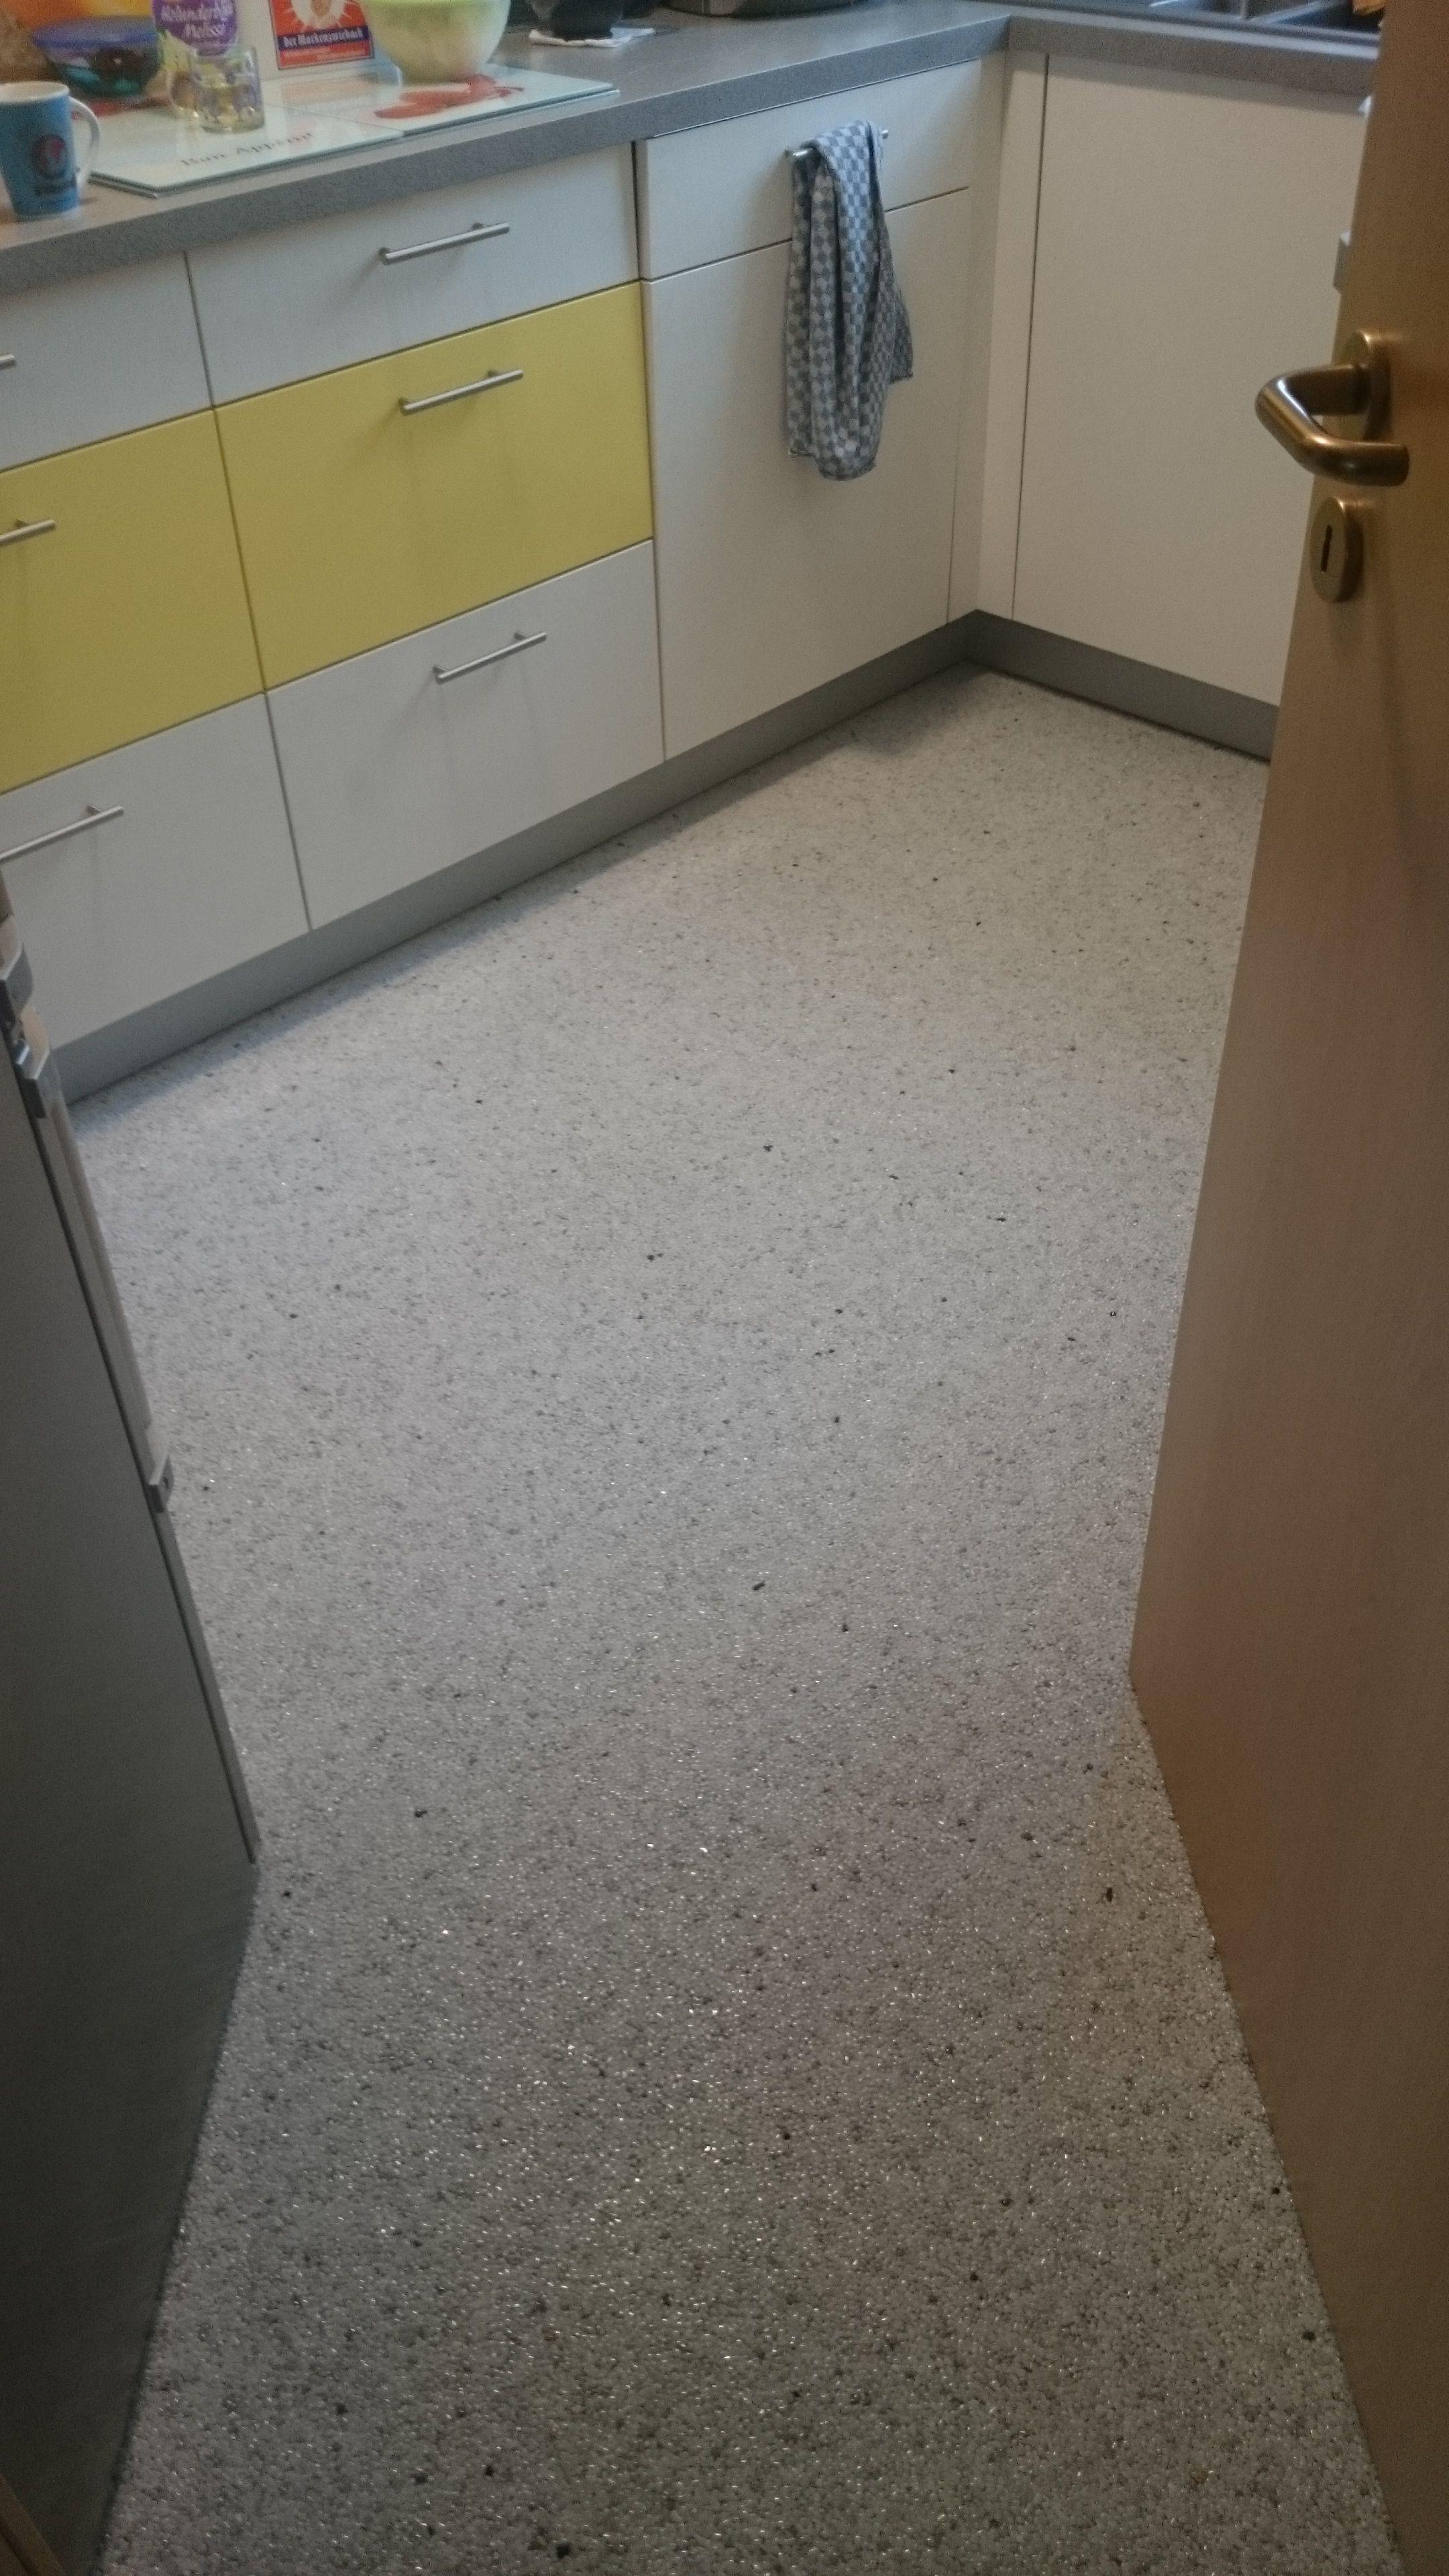 Schön Küchenboden Home Depot Ideen - Ideen Für Die Küche Dekoration ...